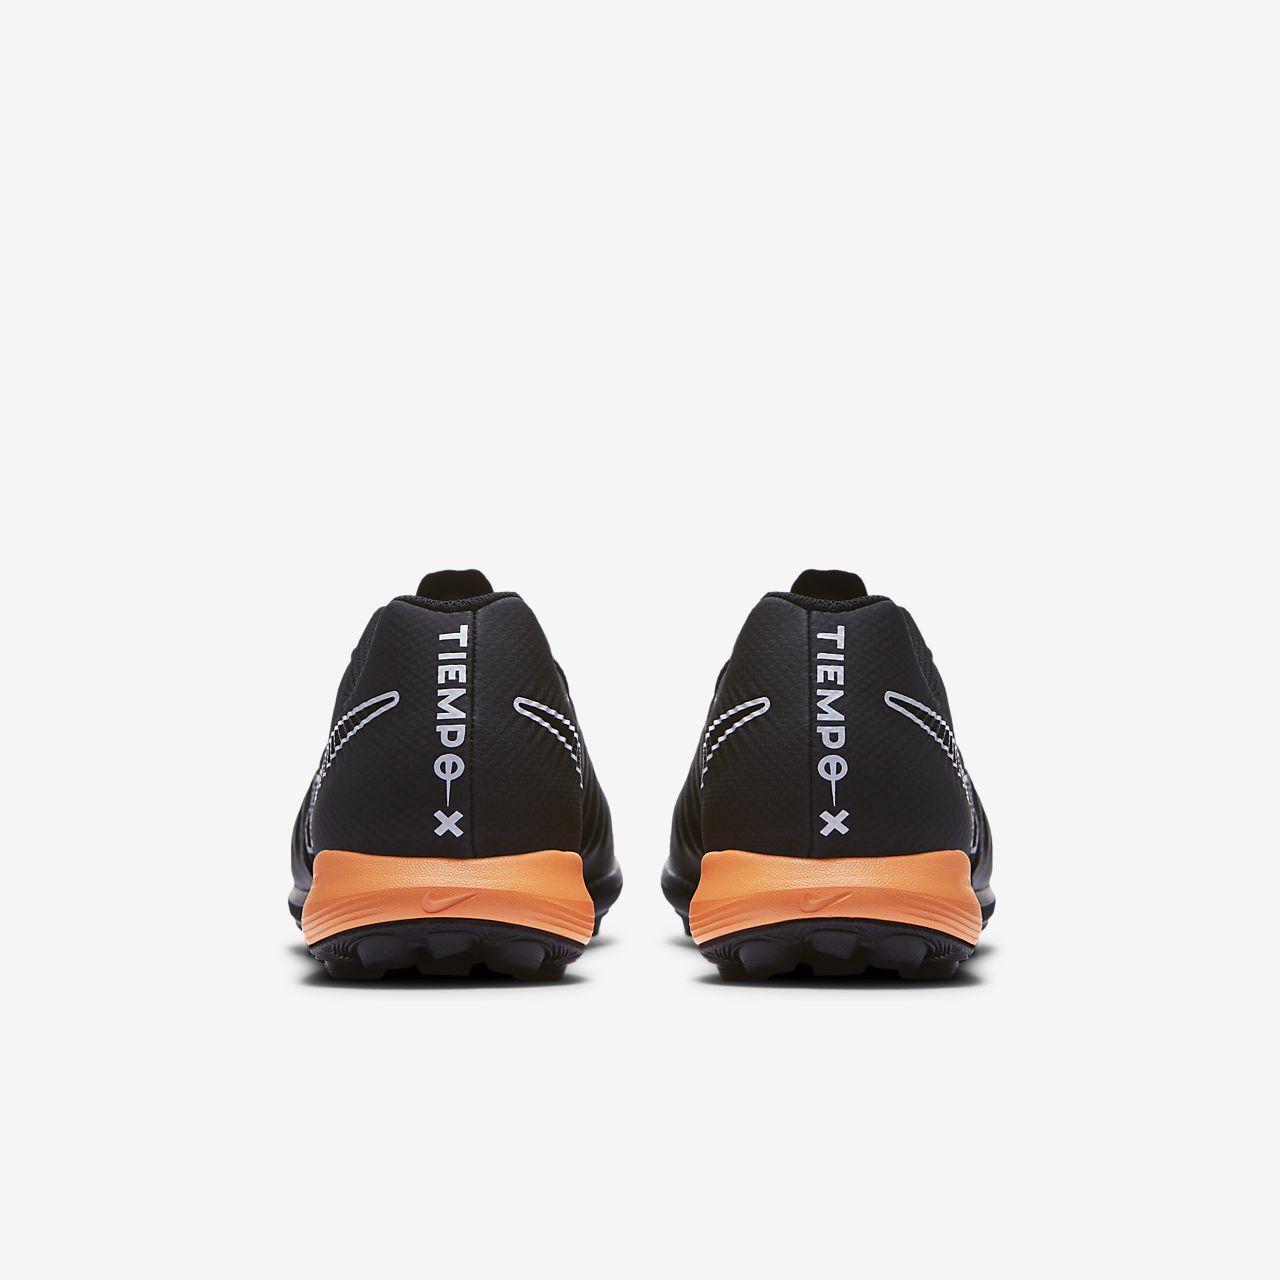 ... Nike TiempoX Lunar Legend VII Pro Turf Football Boot